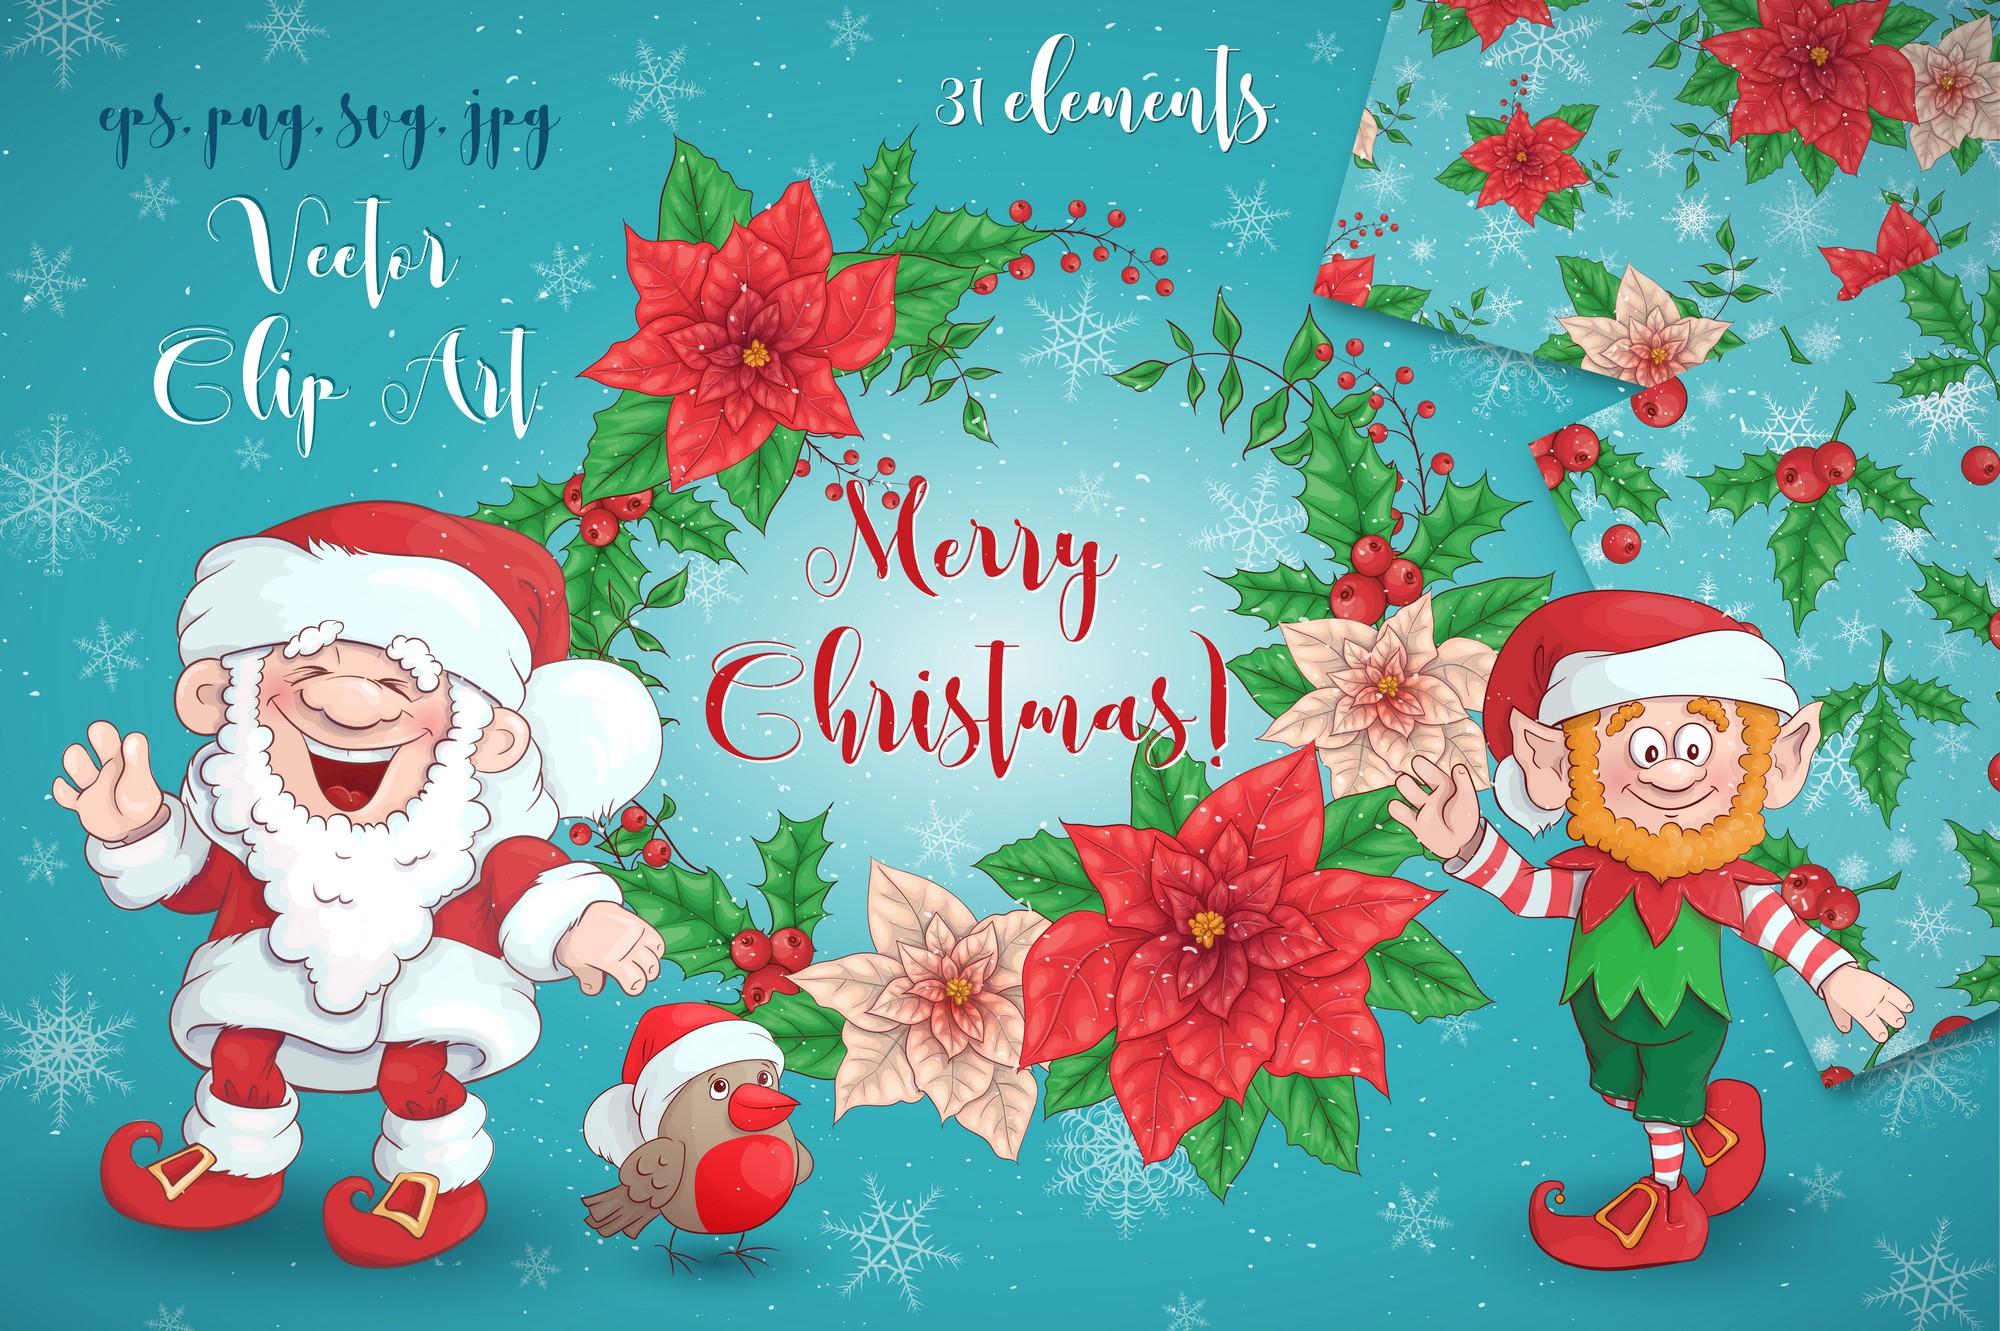 Merry Christmas Graphics Bundle - Image00001